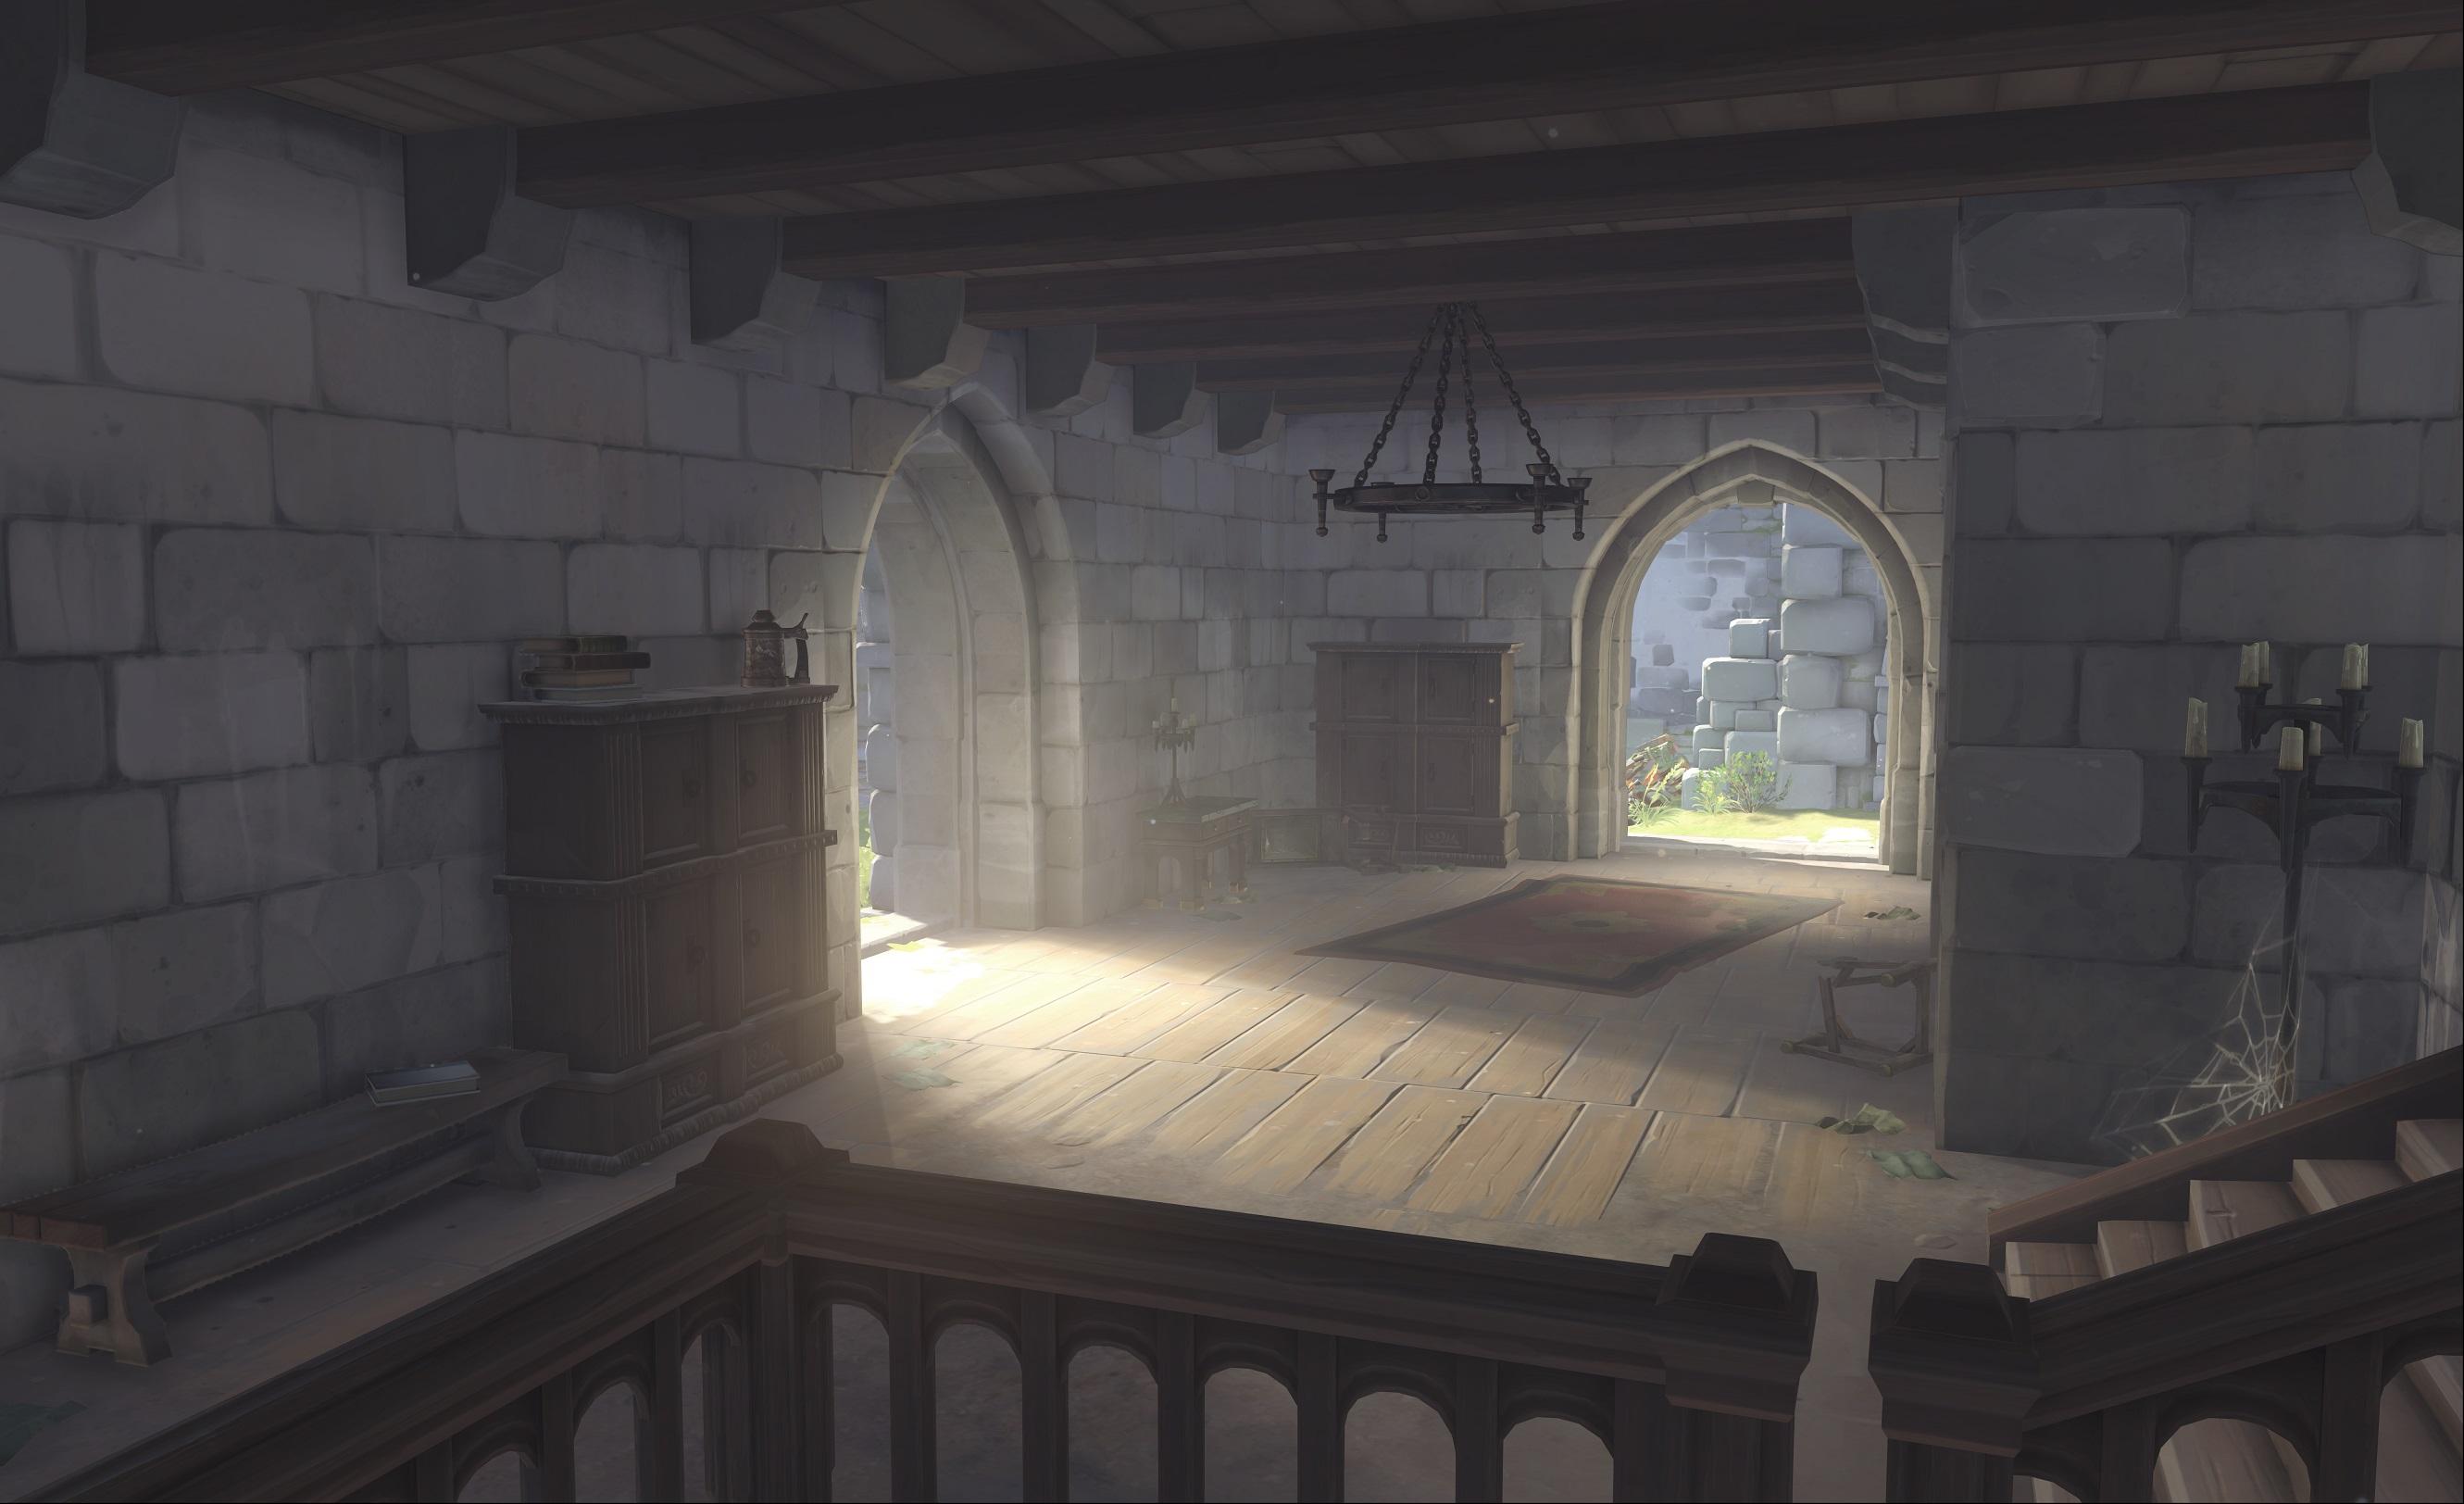 Nová mapa pro Overwatch nás zavede do hradu a přilehlého městečka v Německu 128674